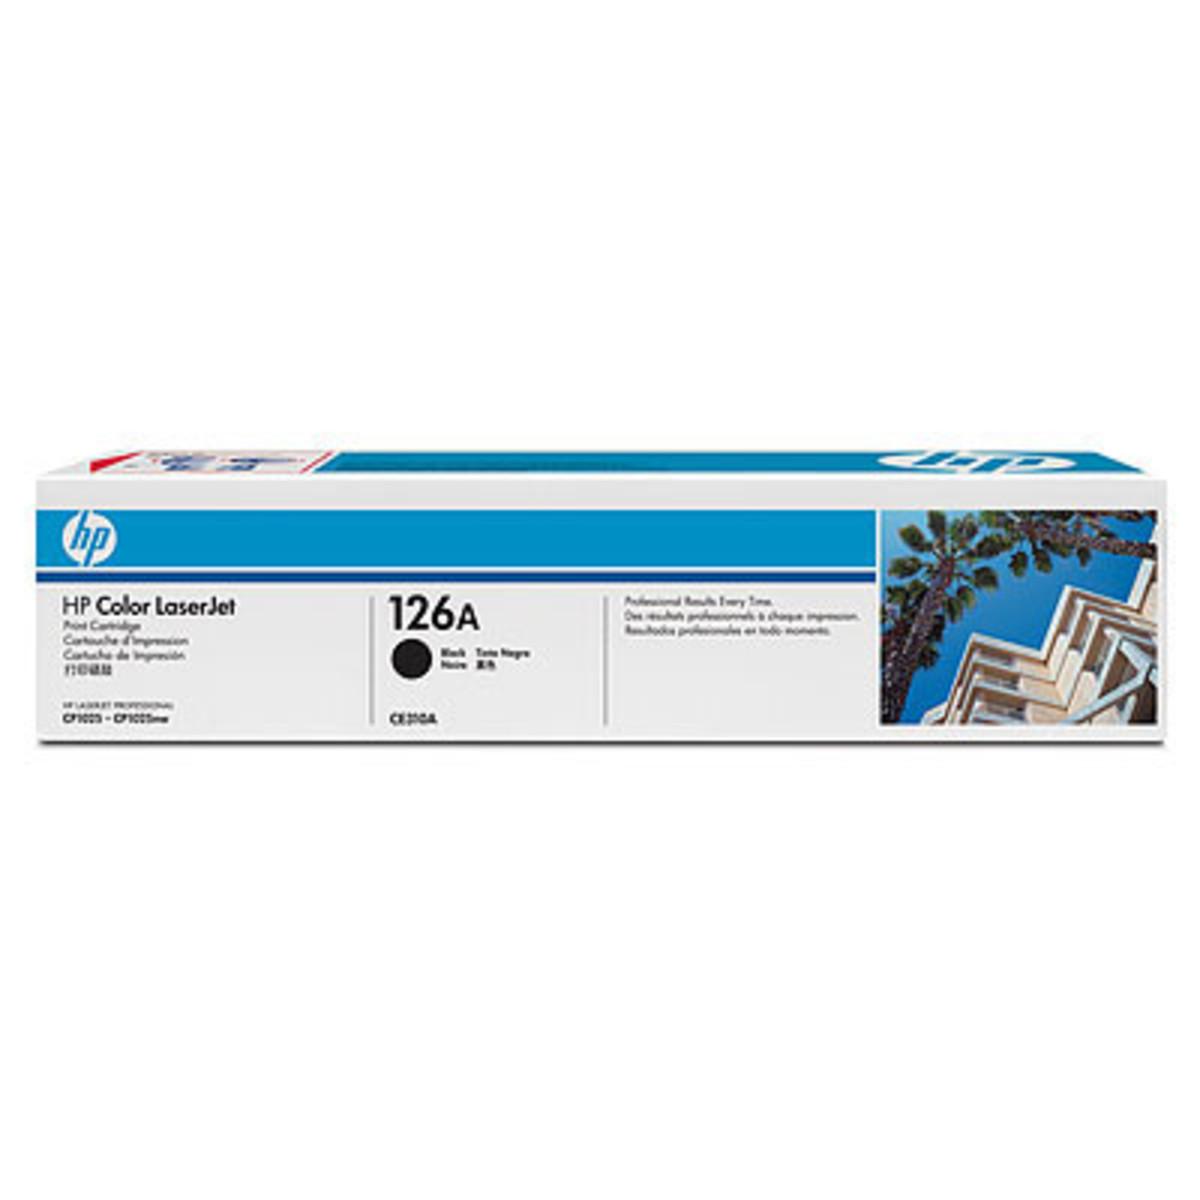 HP 126A (CE310A) Black Toner Cartridge